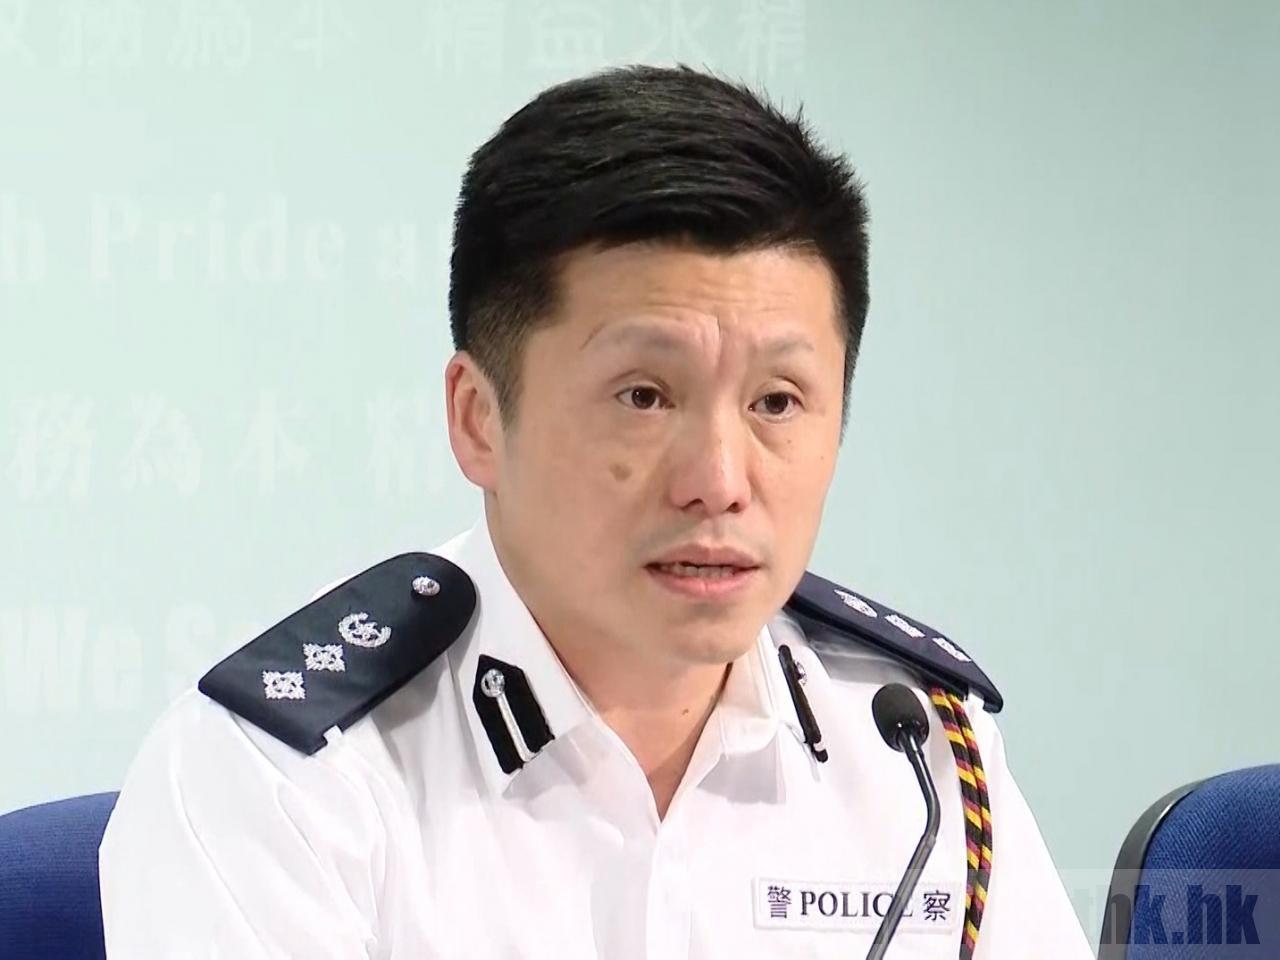 警察公共關係科總警司謝振中說明警員開槍合理。(香港電台)